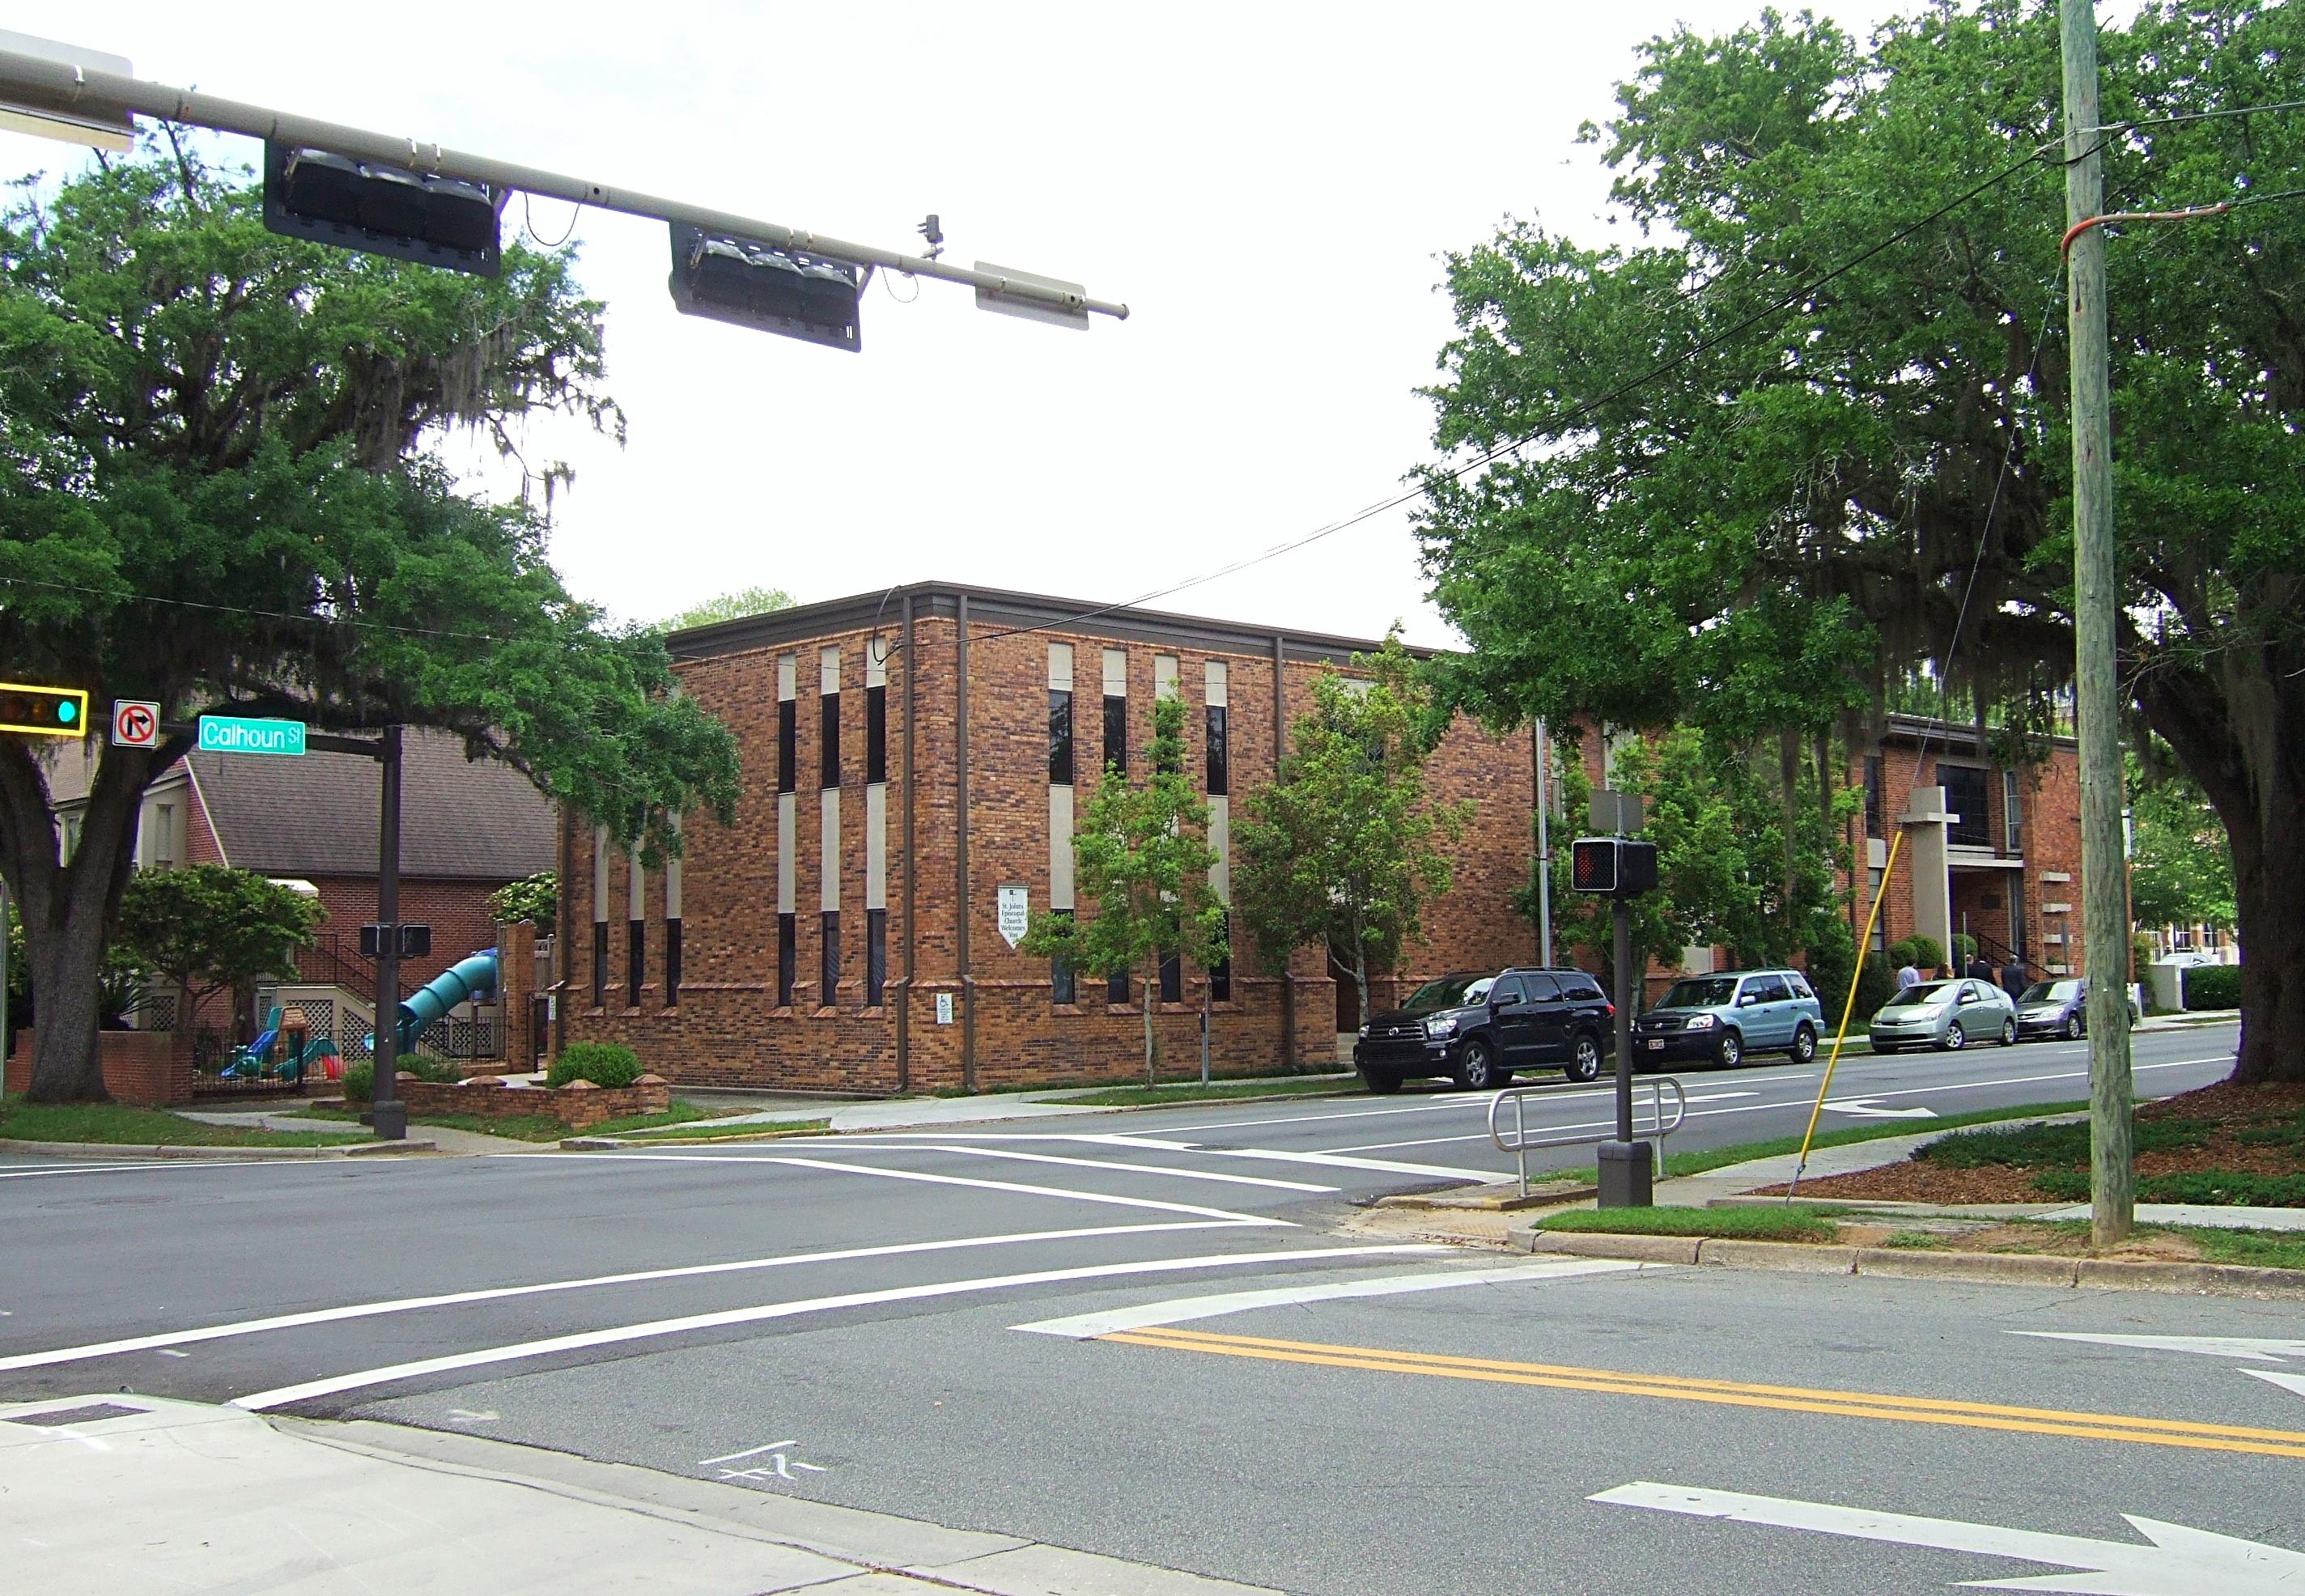 St_Johns_Existing_Calhoun_and_Call_Street_Entrance-175788-edited.jpg